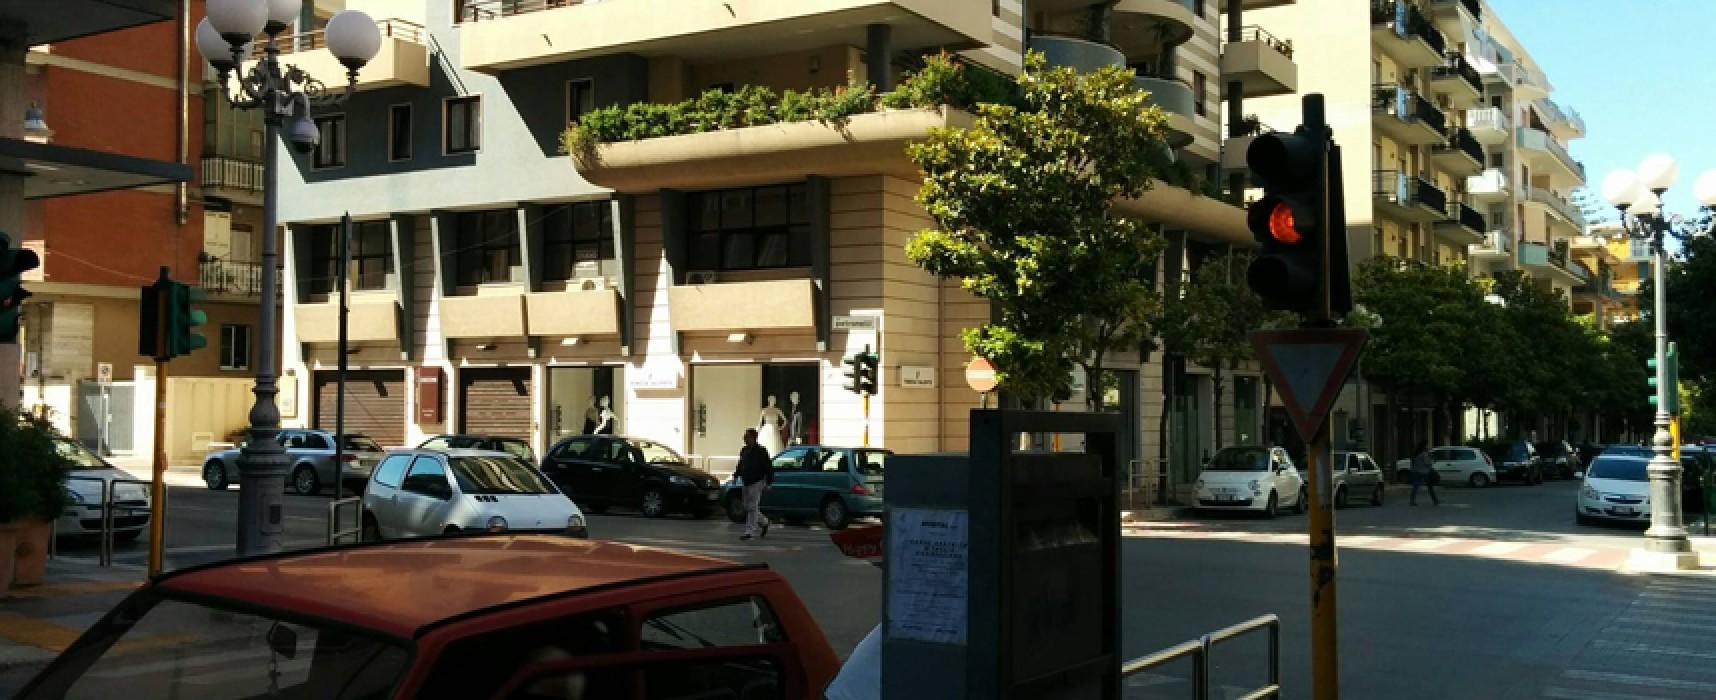 Semaforo di via Aldo Moro guasto da cinque giorni